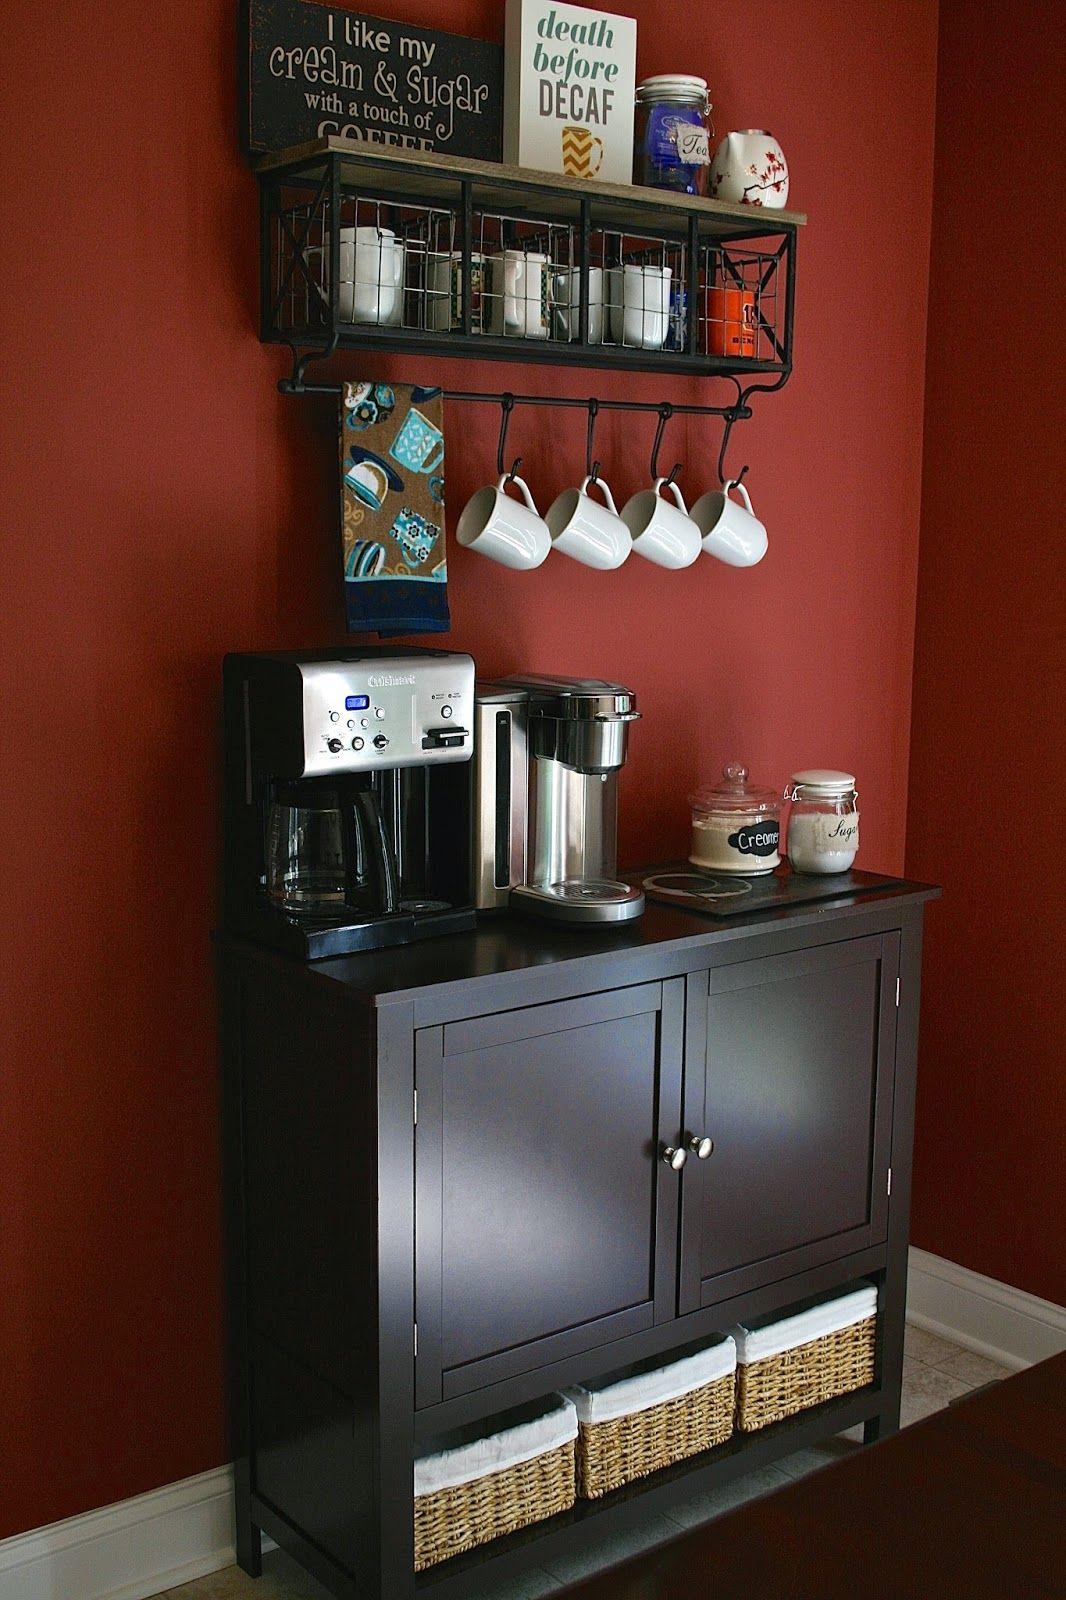 Home Decor Coffee Bar Coffee bar home, Home coffee